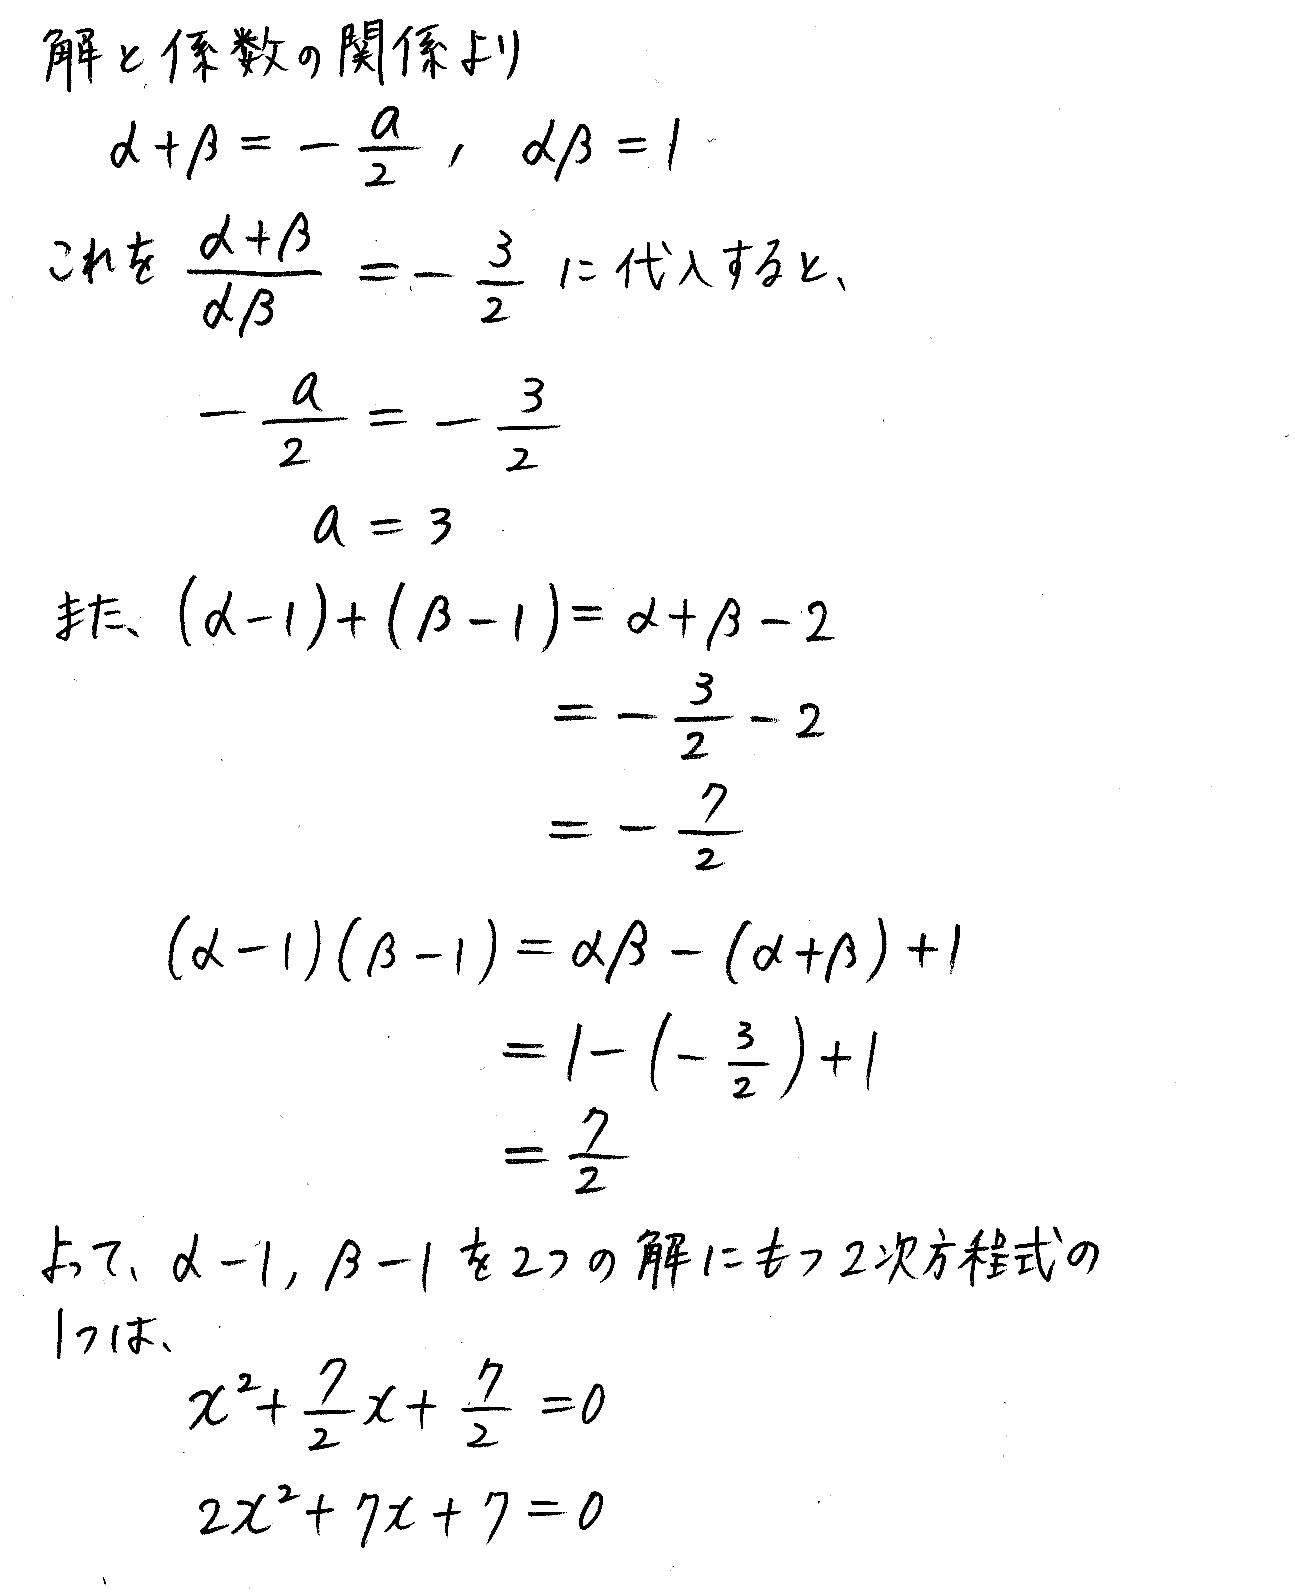 クリアー数学演習12AB受験編-32解答